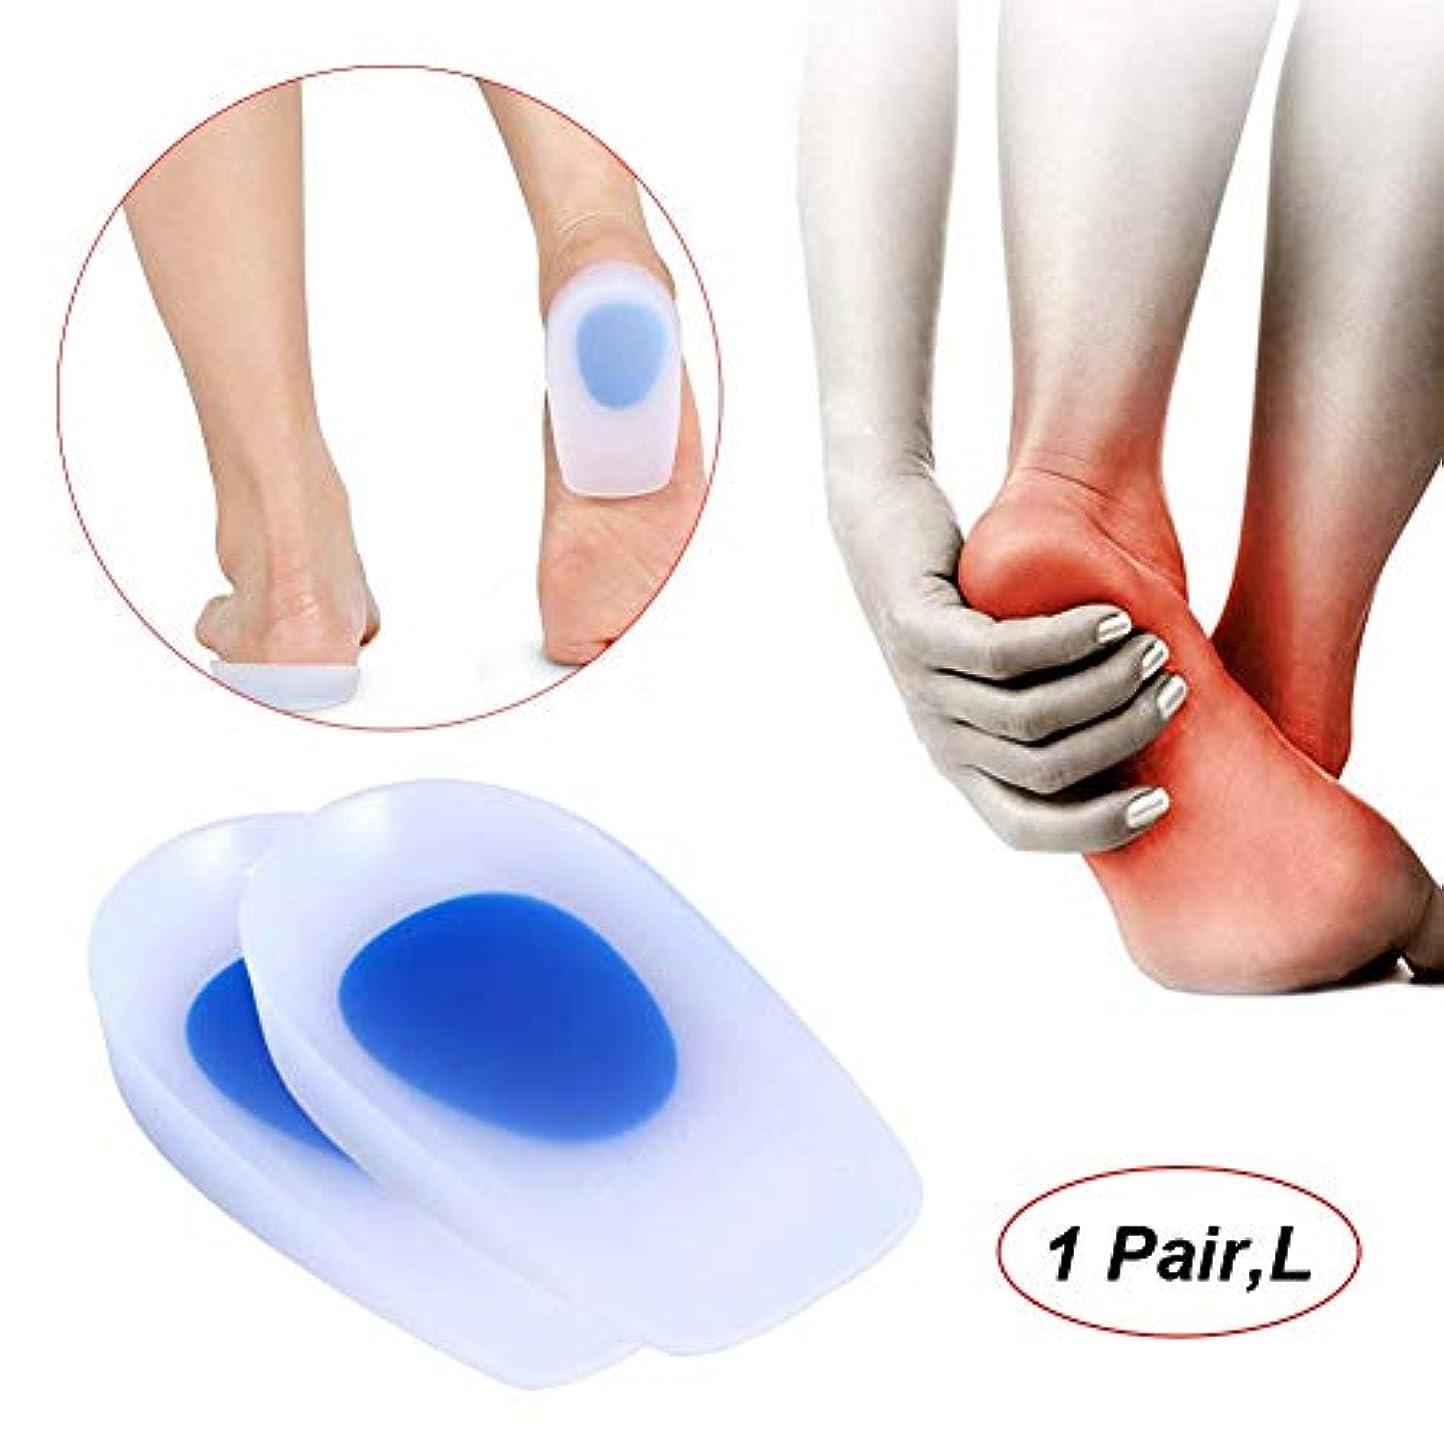 崖誇りに思うブロックするゲルヒールカップヒールシューズインサートパッド、足底筋膜炎の痛みを和らげる、男性と女性のヒール骨棘とアキレス腱炎(1ペア)L